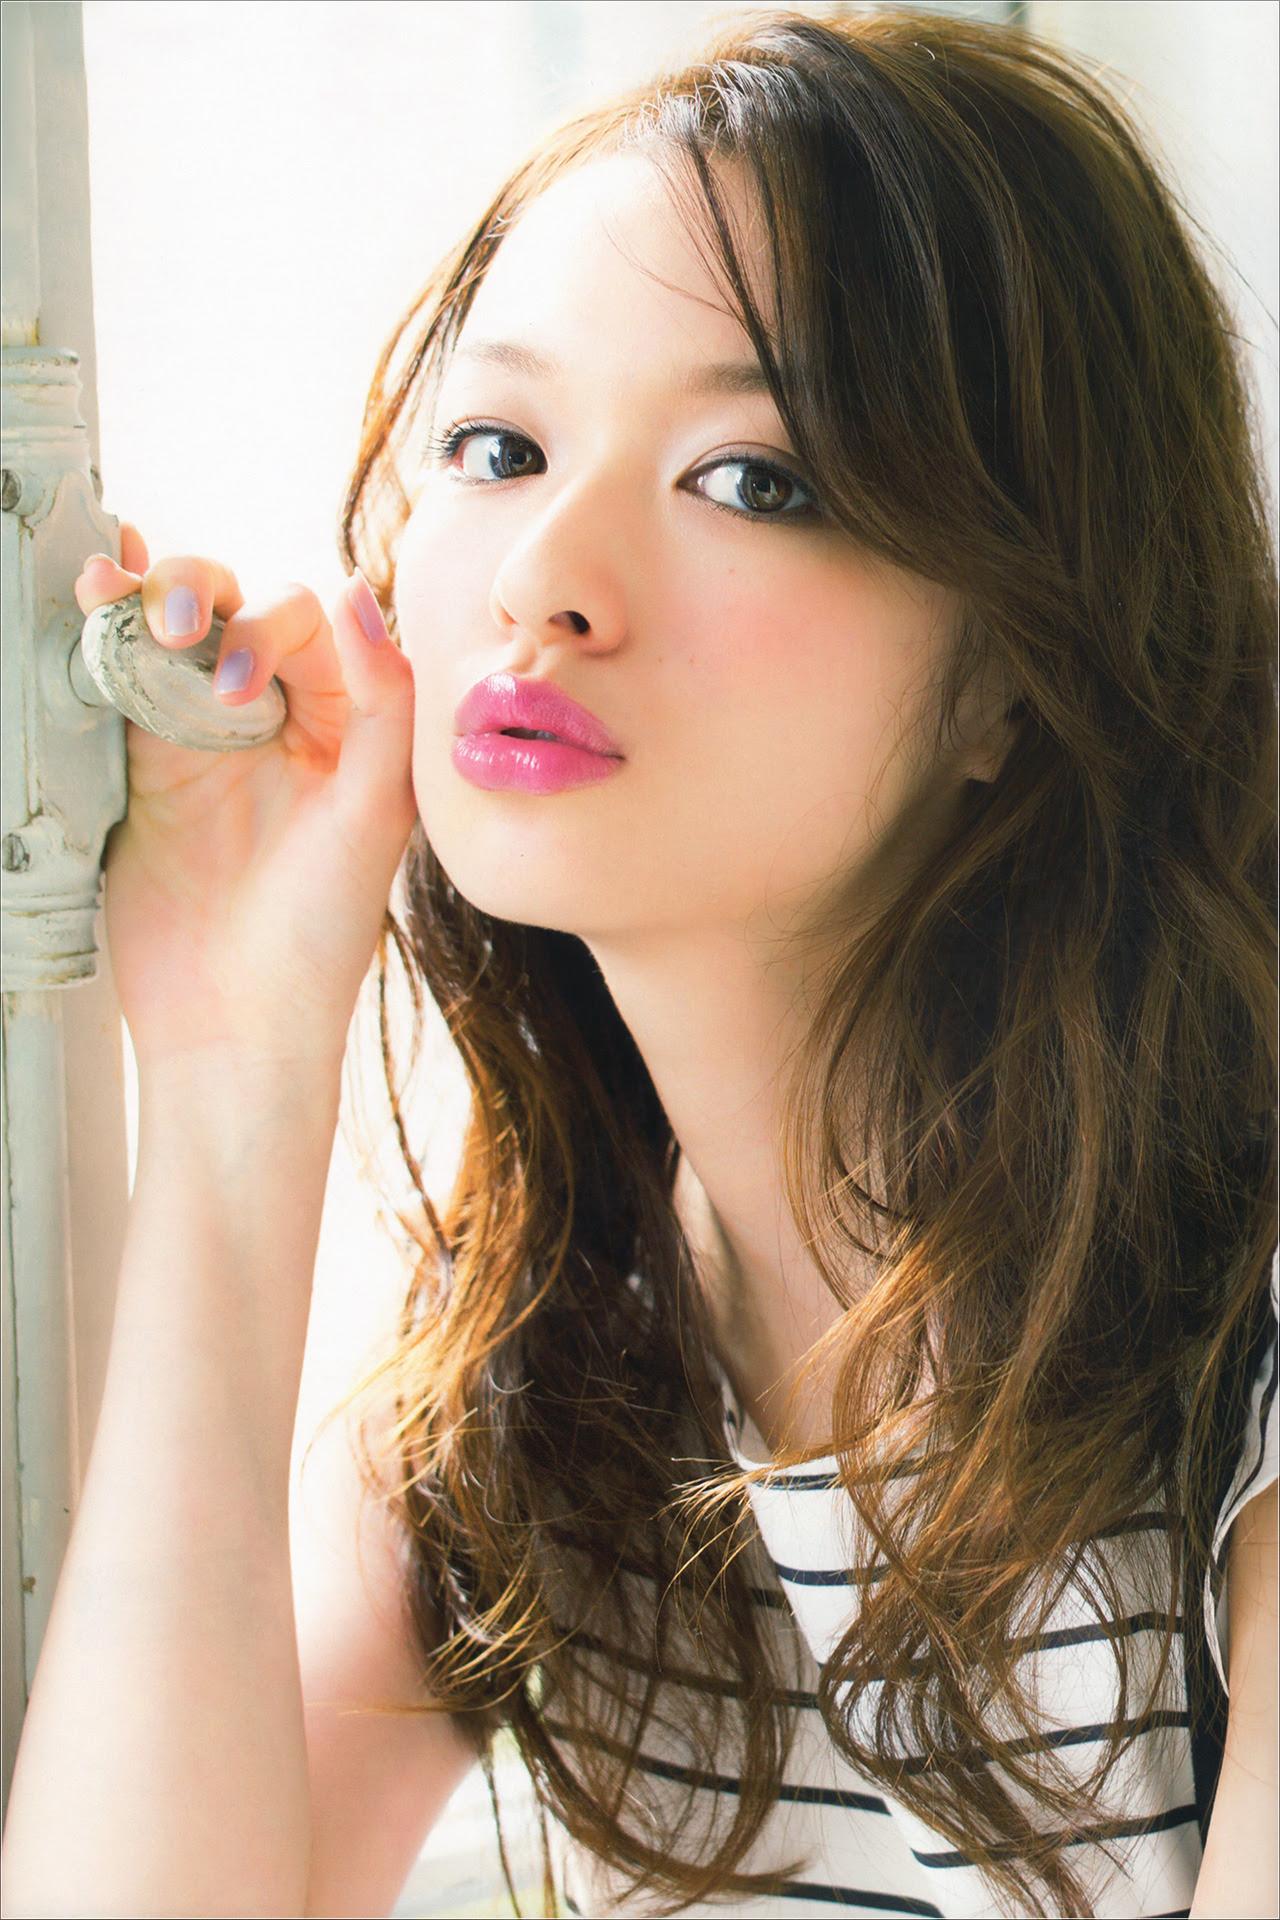 ファッションモデル森絵梨佳の美人でかわいい高画質な画像 壁紙